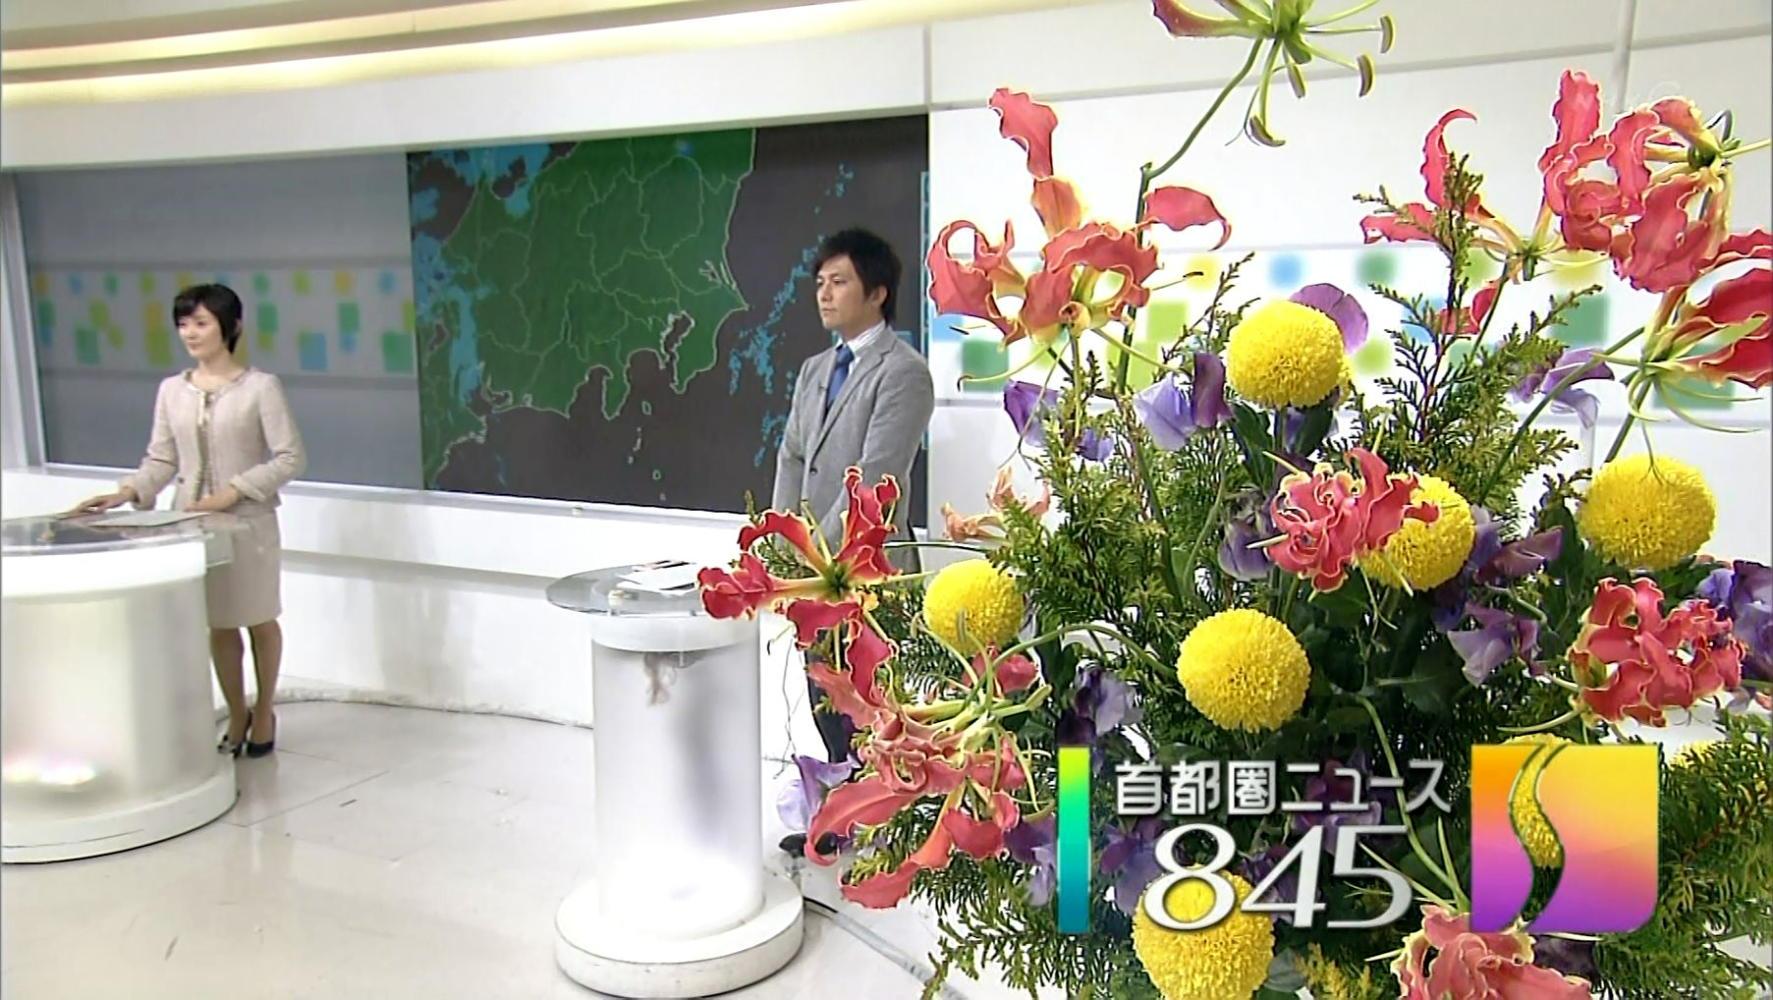 松村正代の画像 p1_19